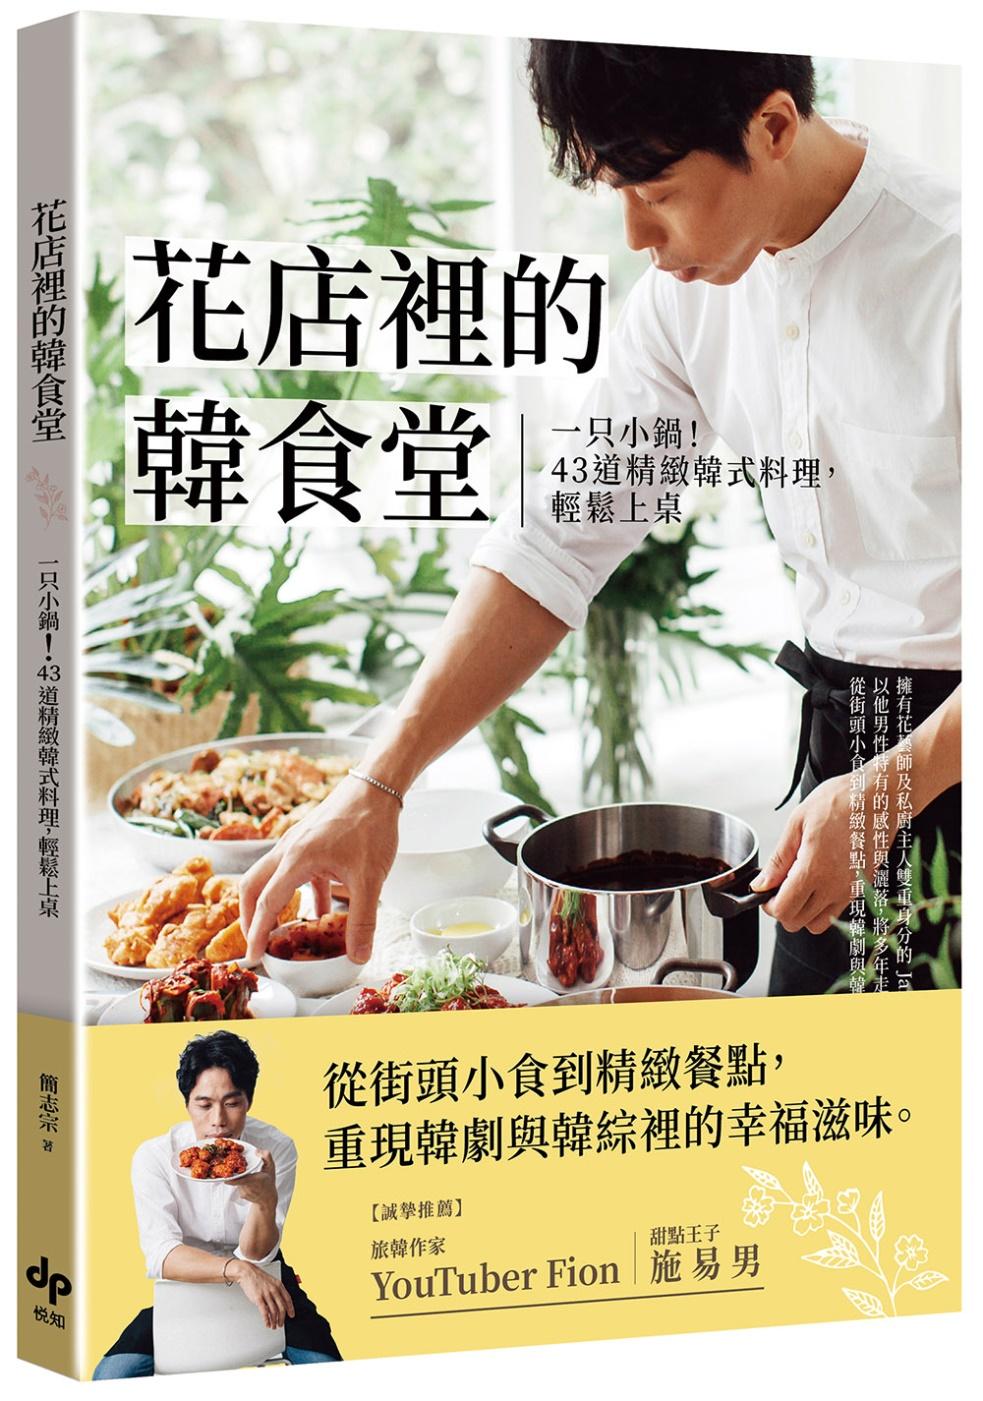 花店裡的韓食堂:一只小鍋!43道精緻韓式料理,輕鬆上桌